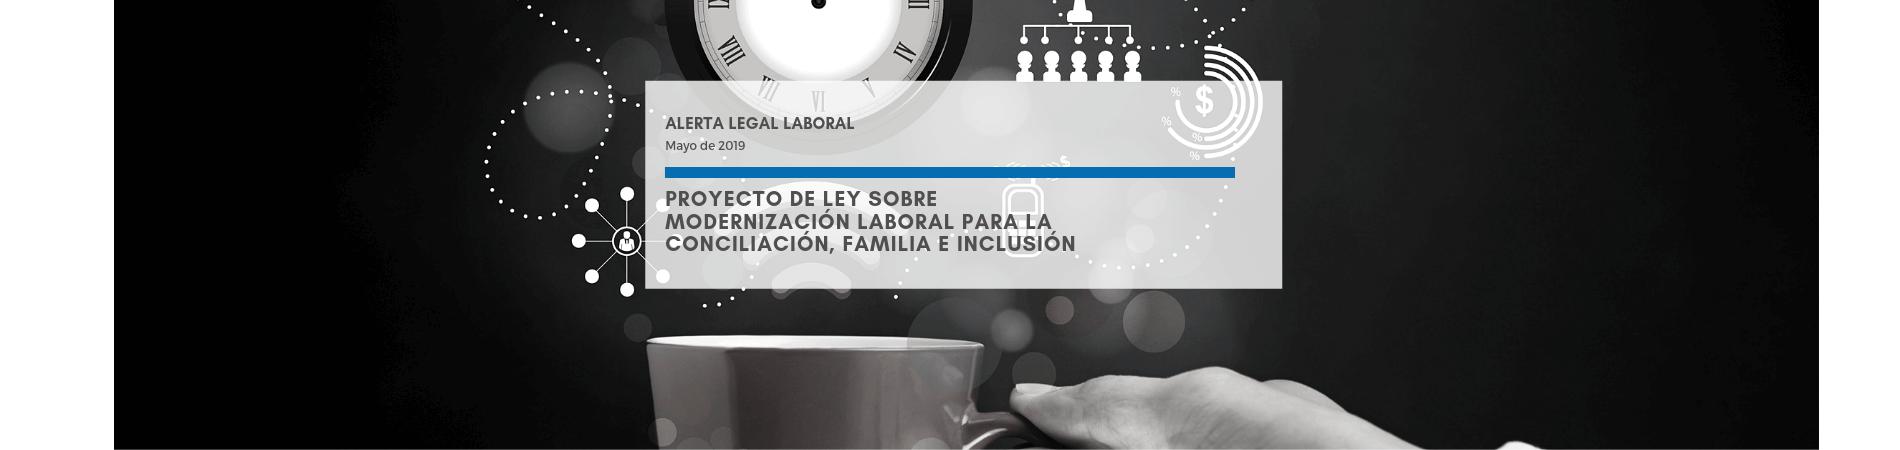 Alerta Legal Laboral | Proyecto de ley sobre modernización laboral para la conciliación, familia e inclusión